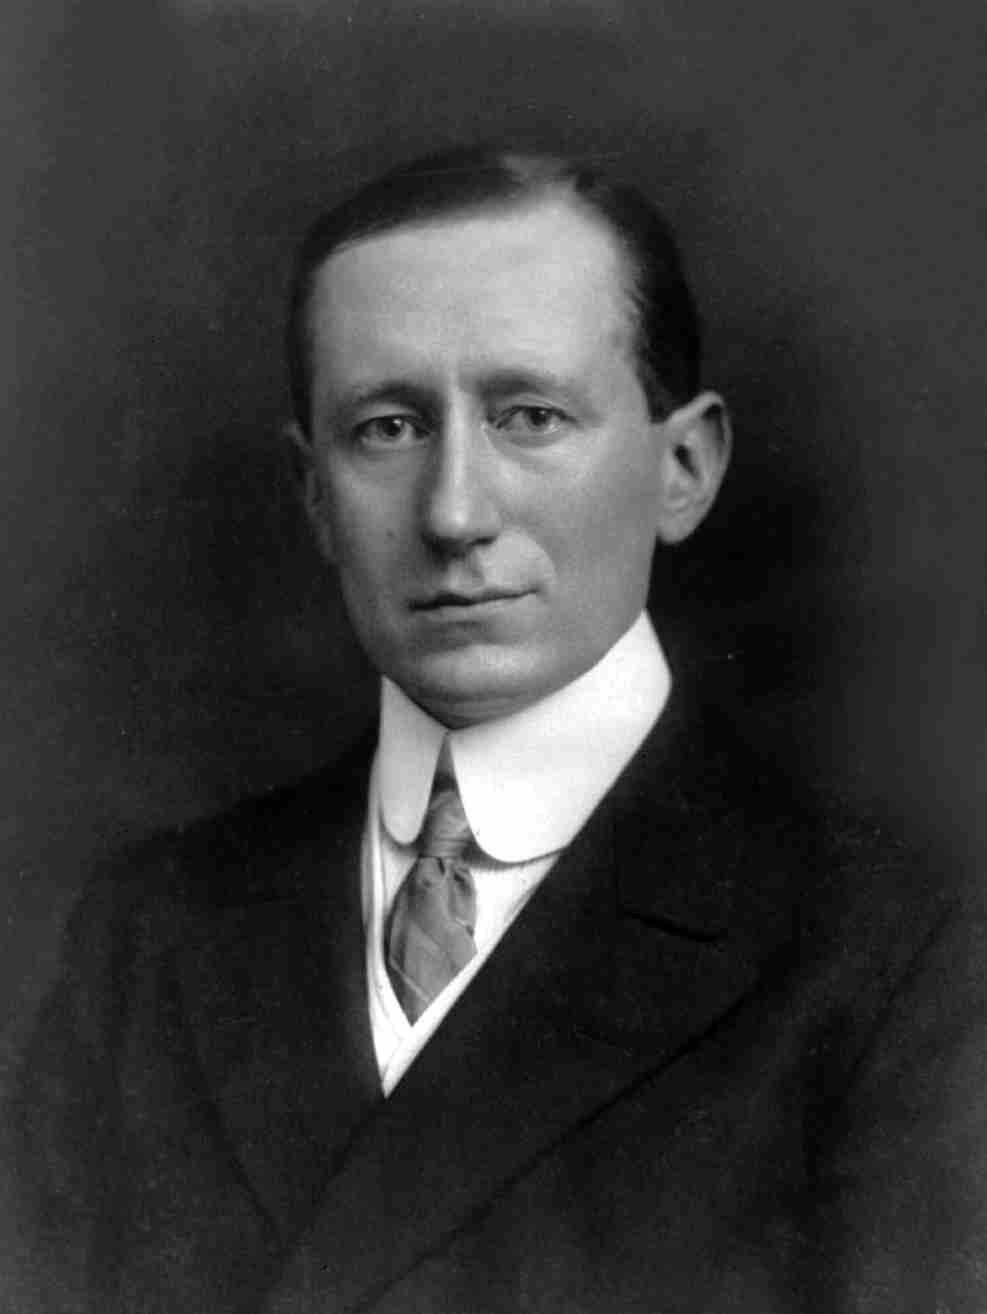 グリエルモ・マルコーニ - Wikipedia